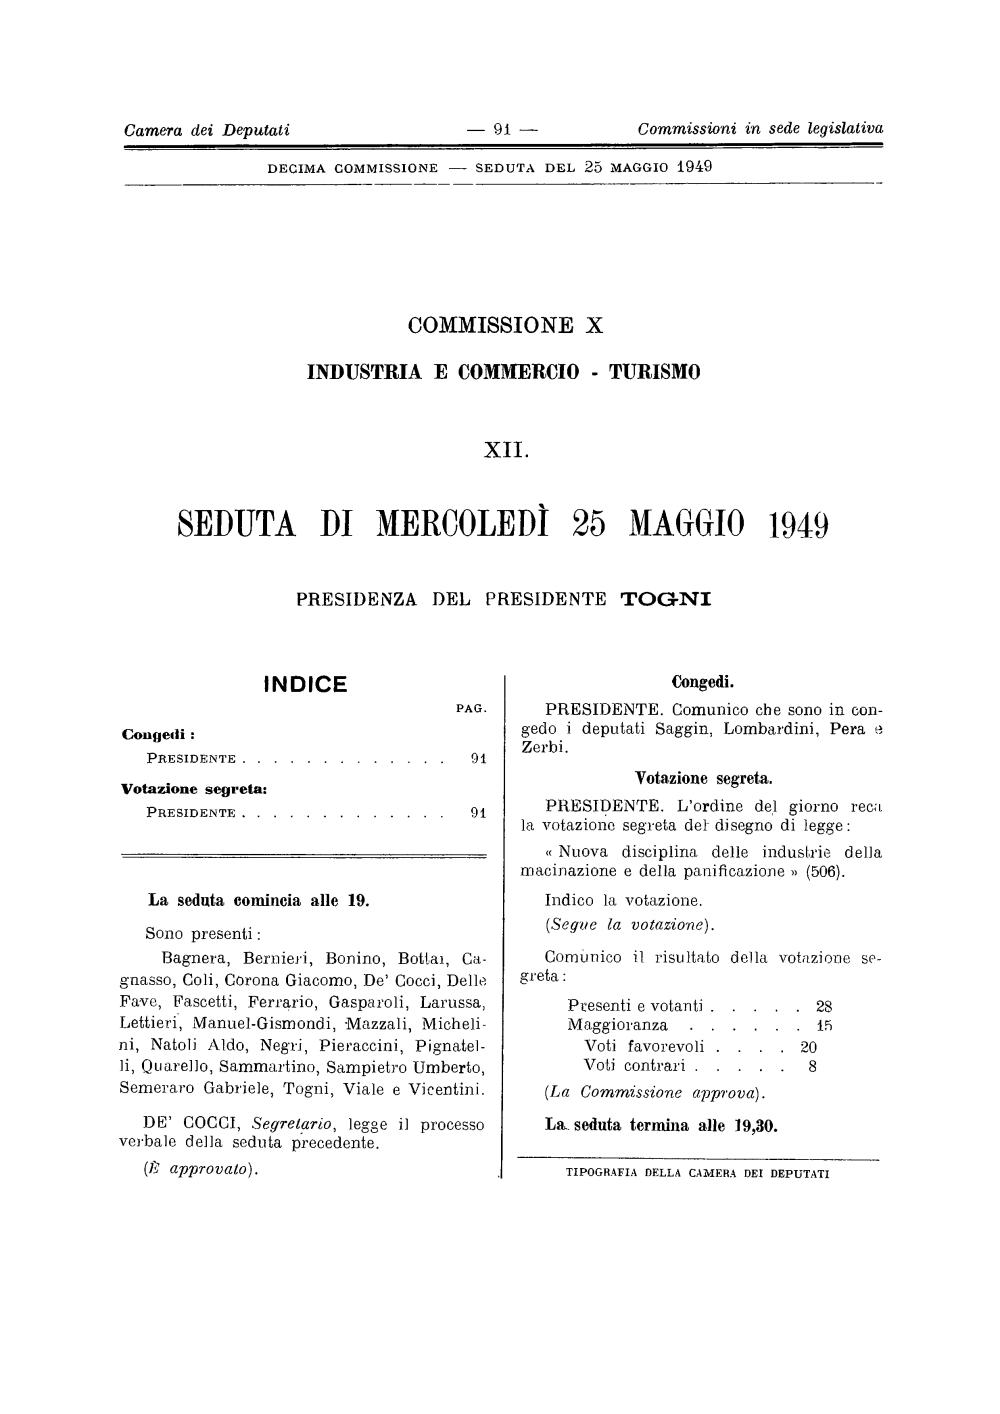 1949-05-25-SEDUTA-X-COM-PARL-IND-COM-TUR